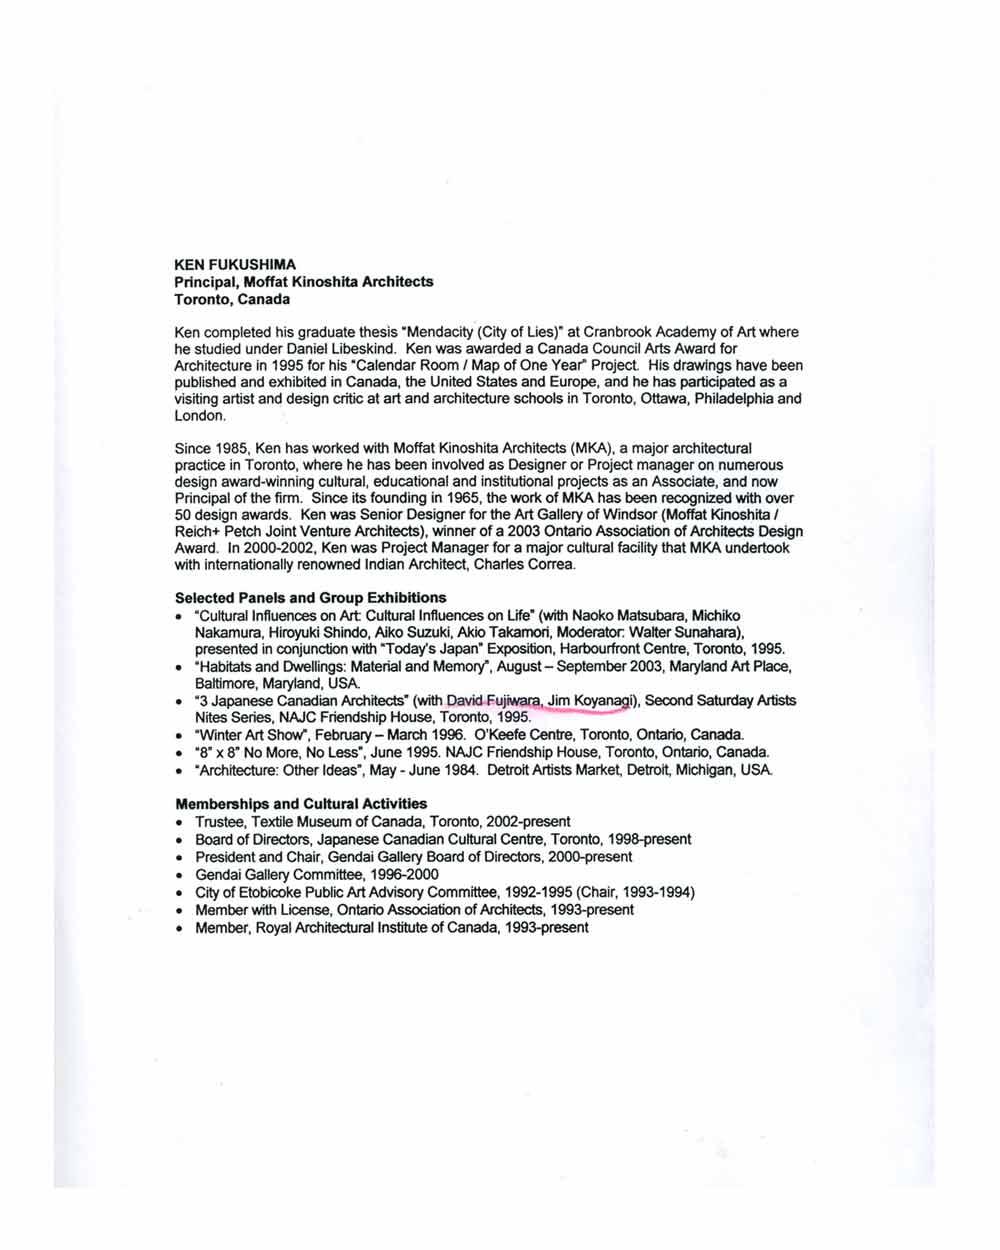 Ken Fukushima's Resume